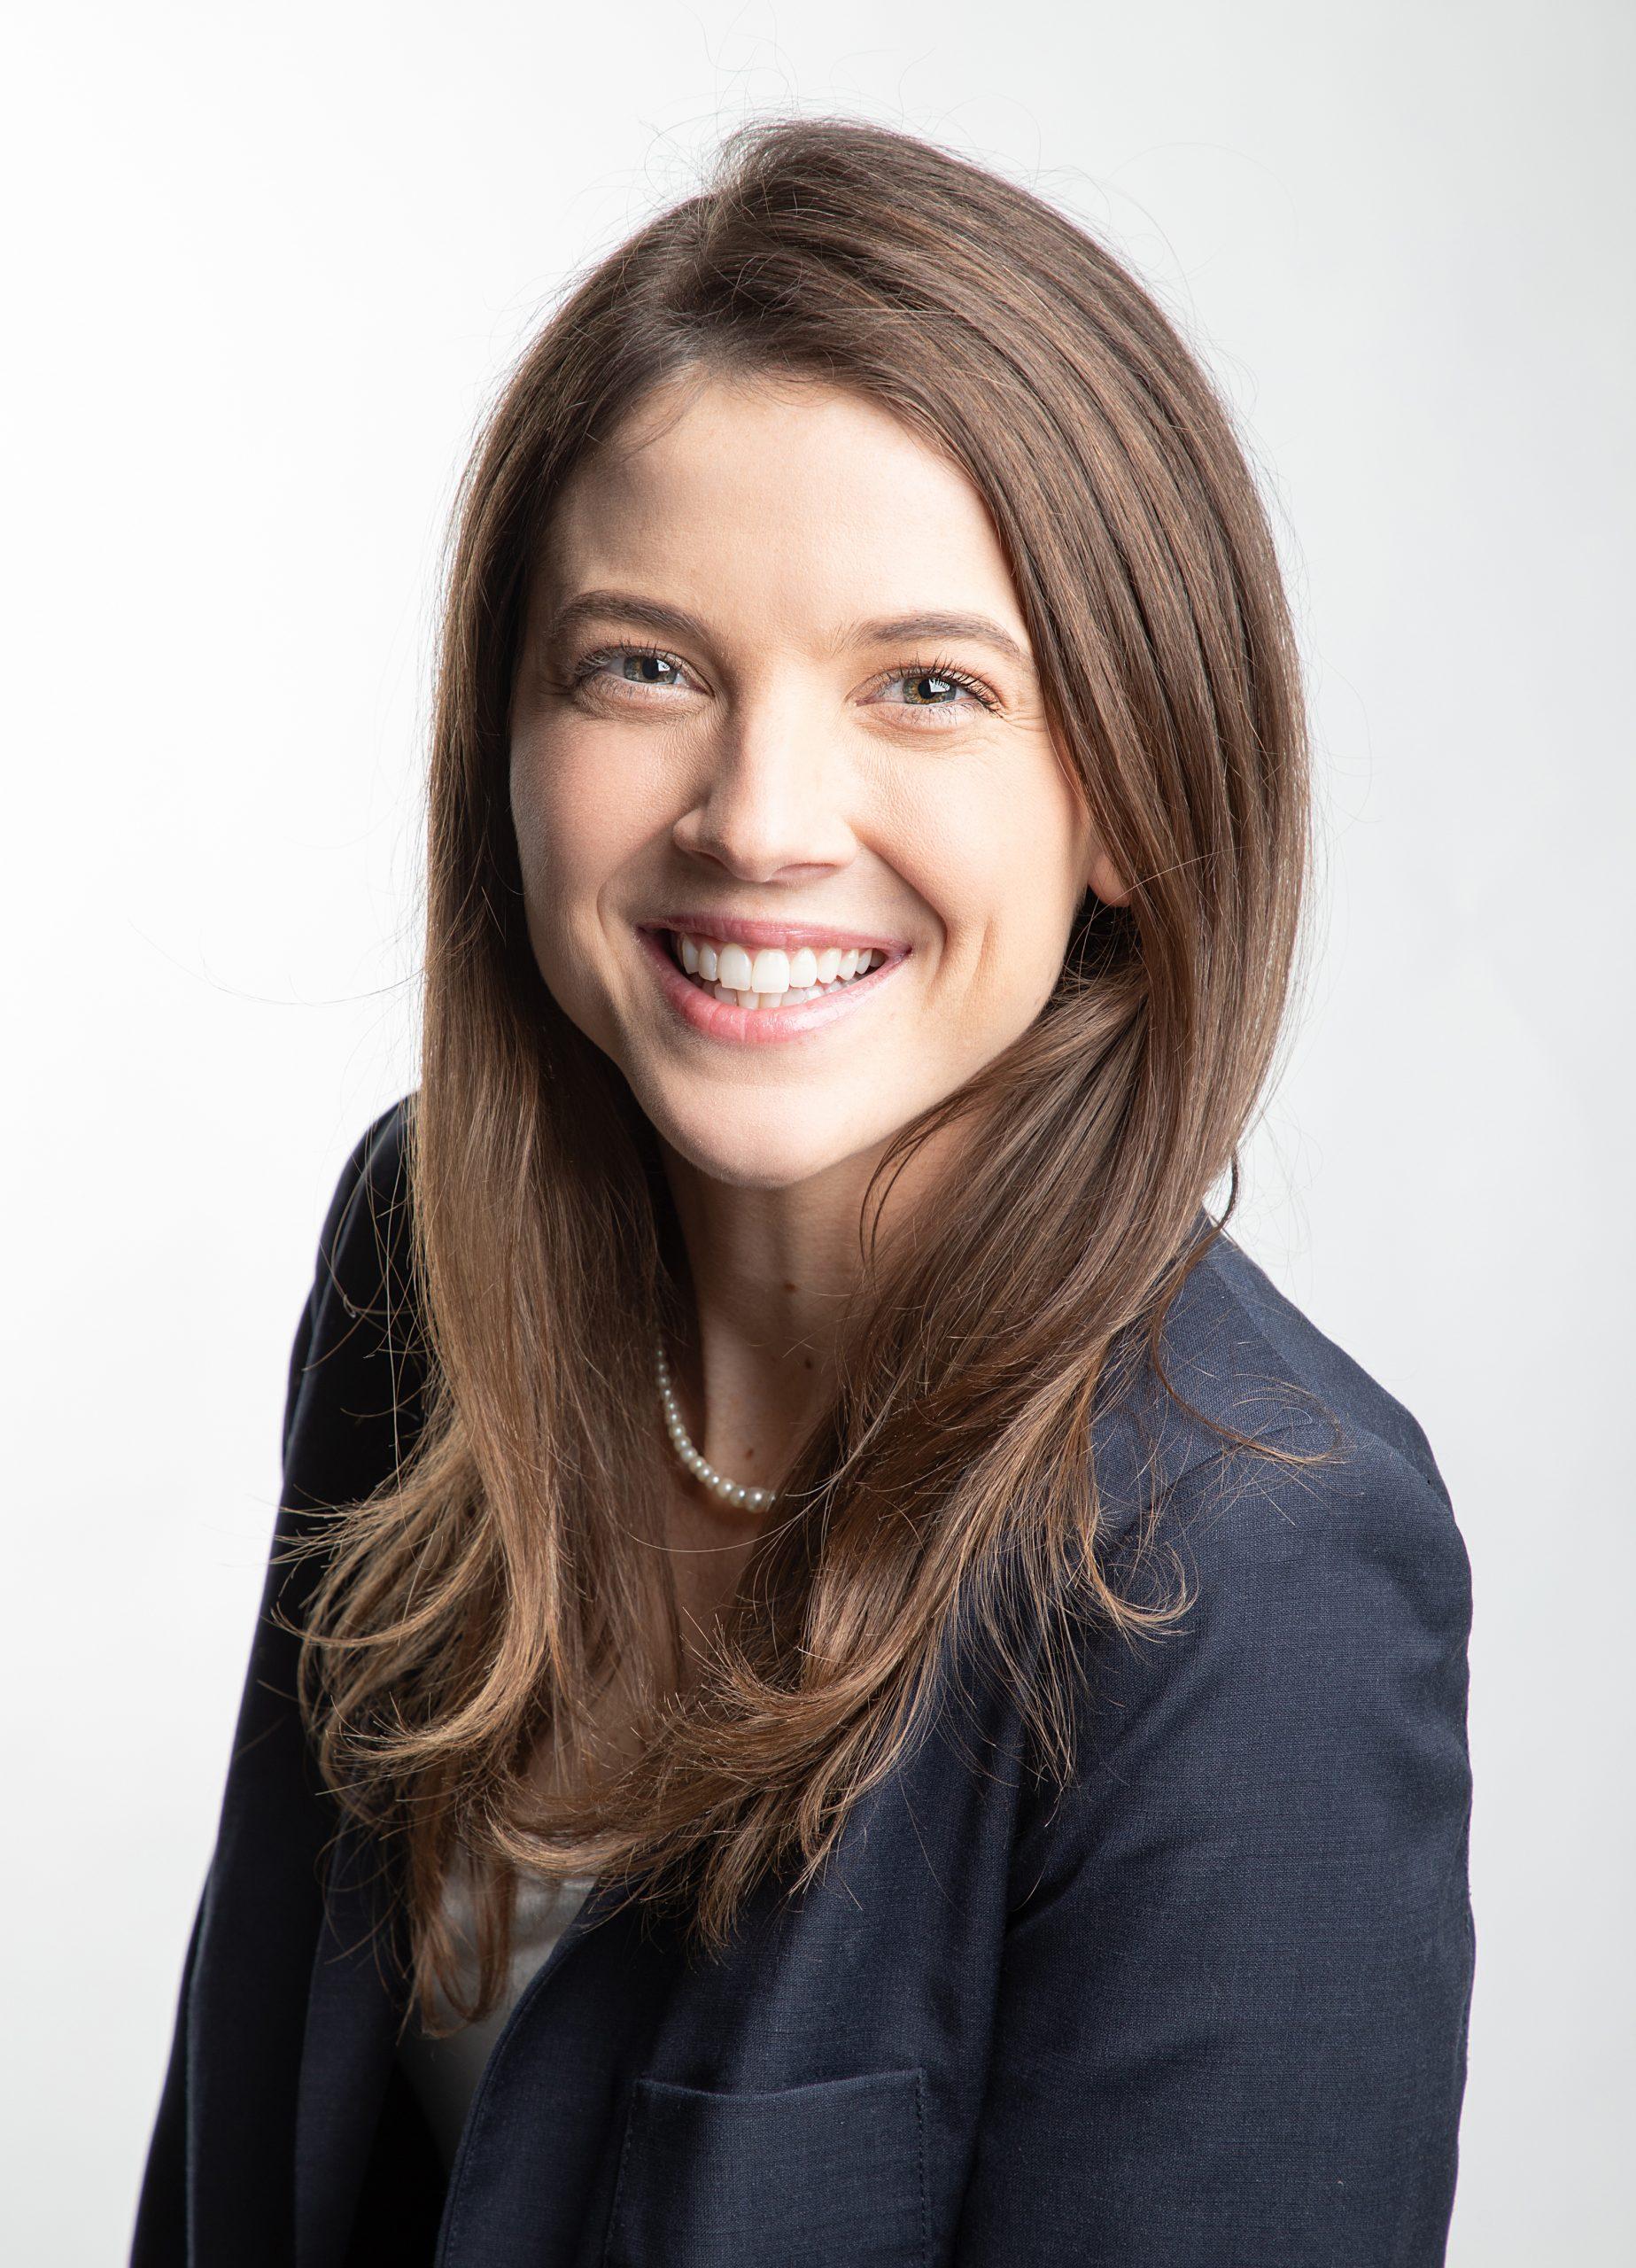 Sarah Cayley